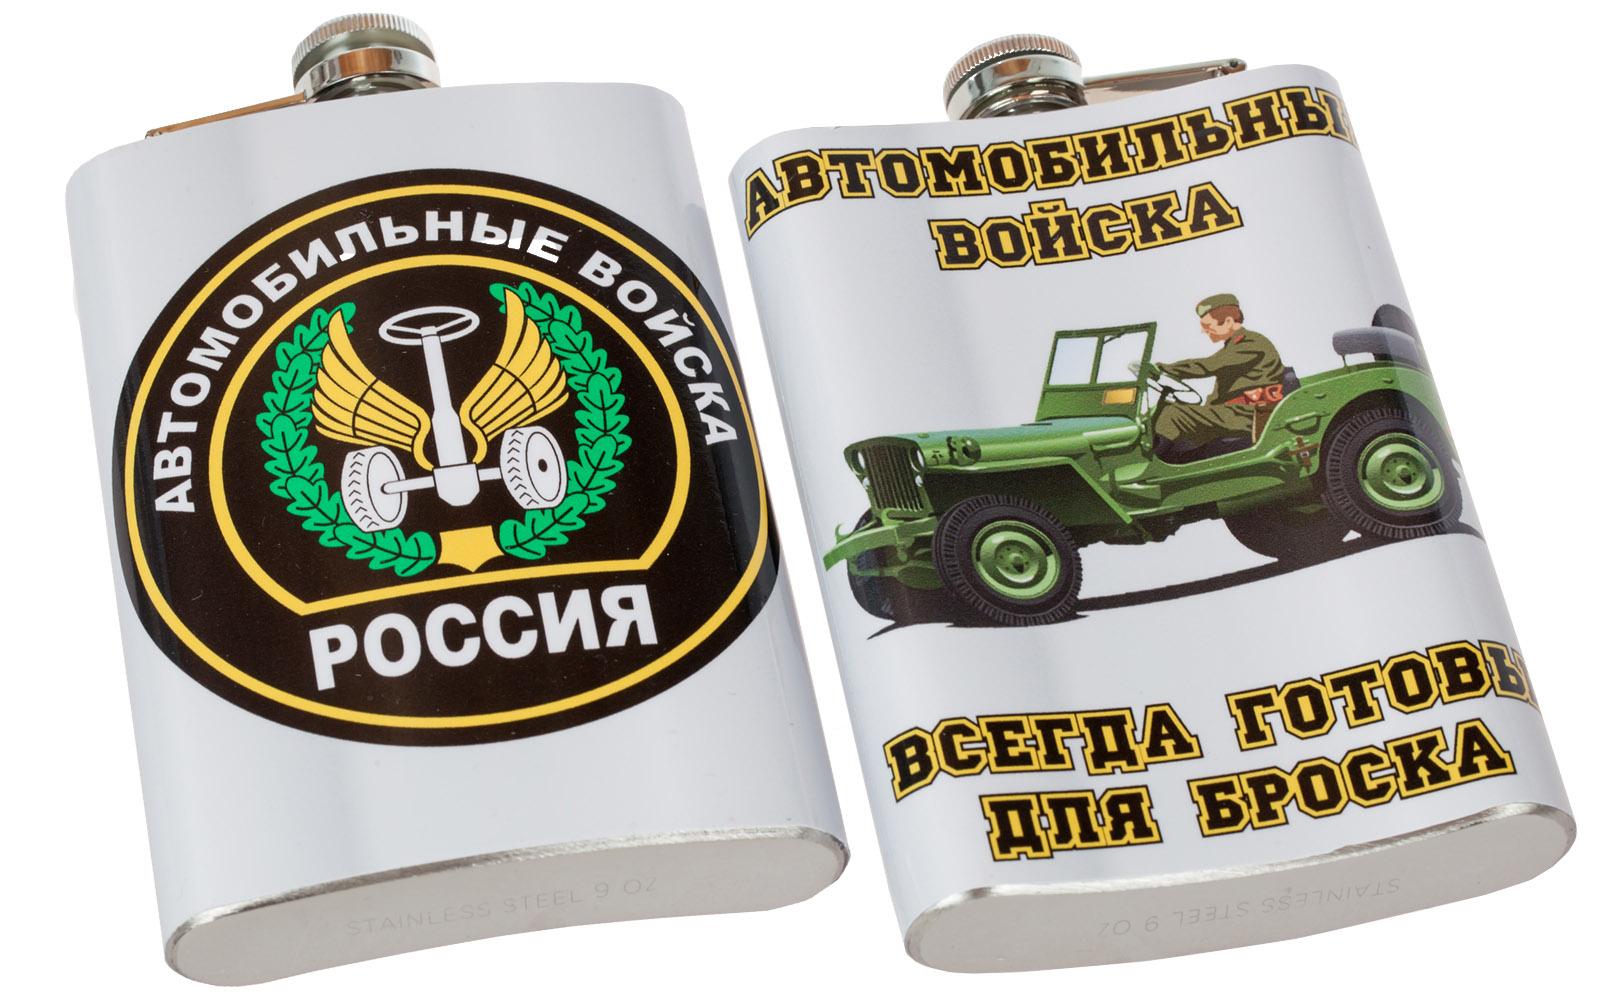 Фляжка Автомобильные Войска купить в подарок близкому